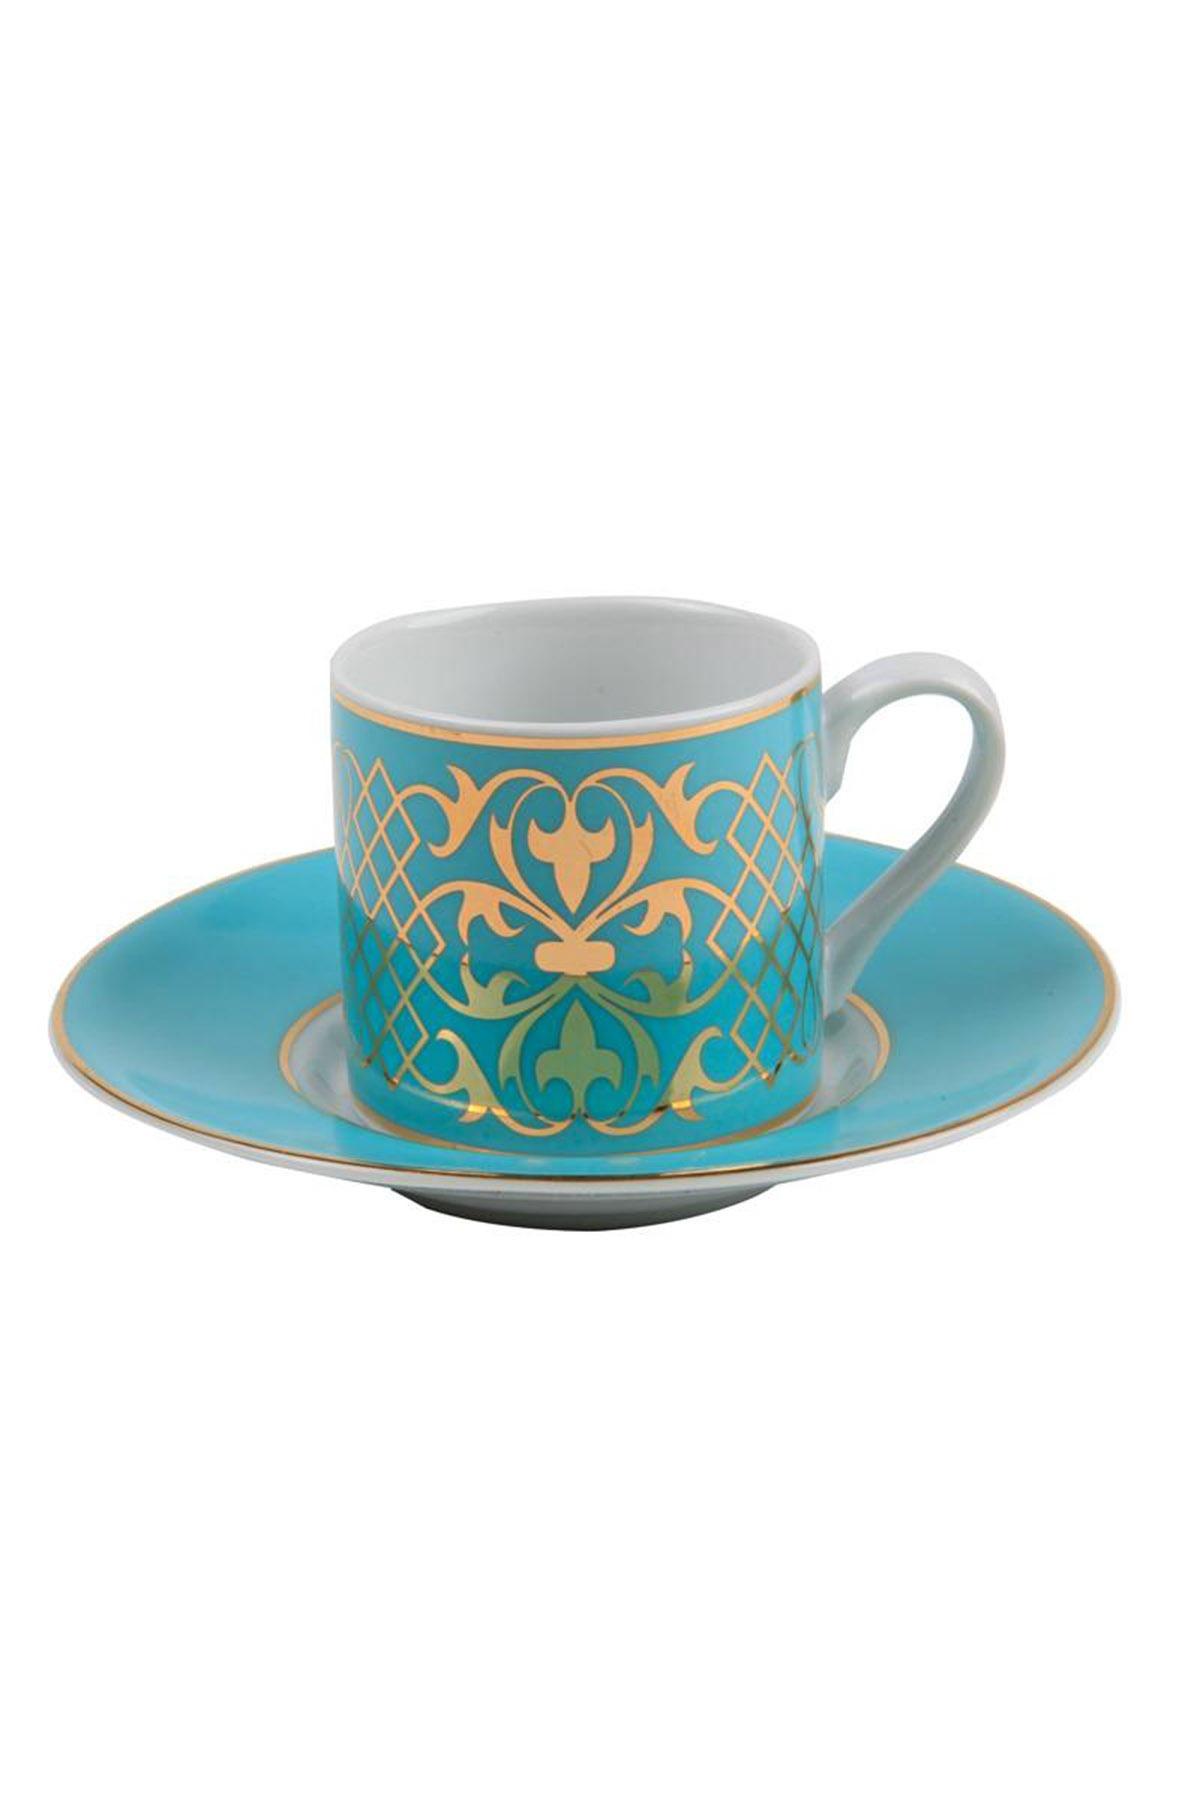 Kütahya Porselen - Kütahya Porselen Rüya 6827 Desen Kahve Fincan Takımı